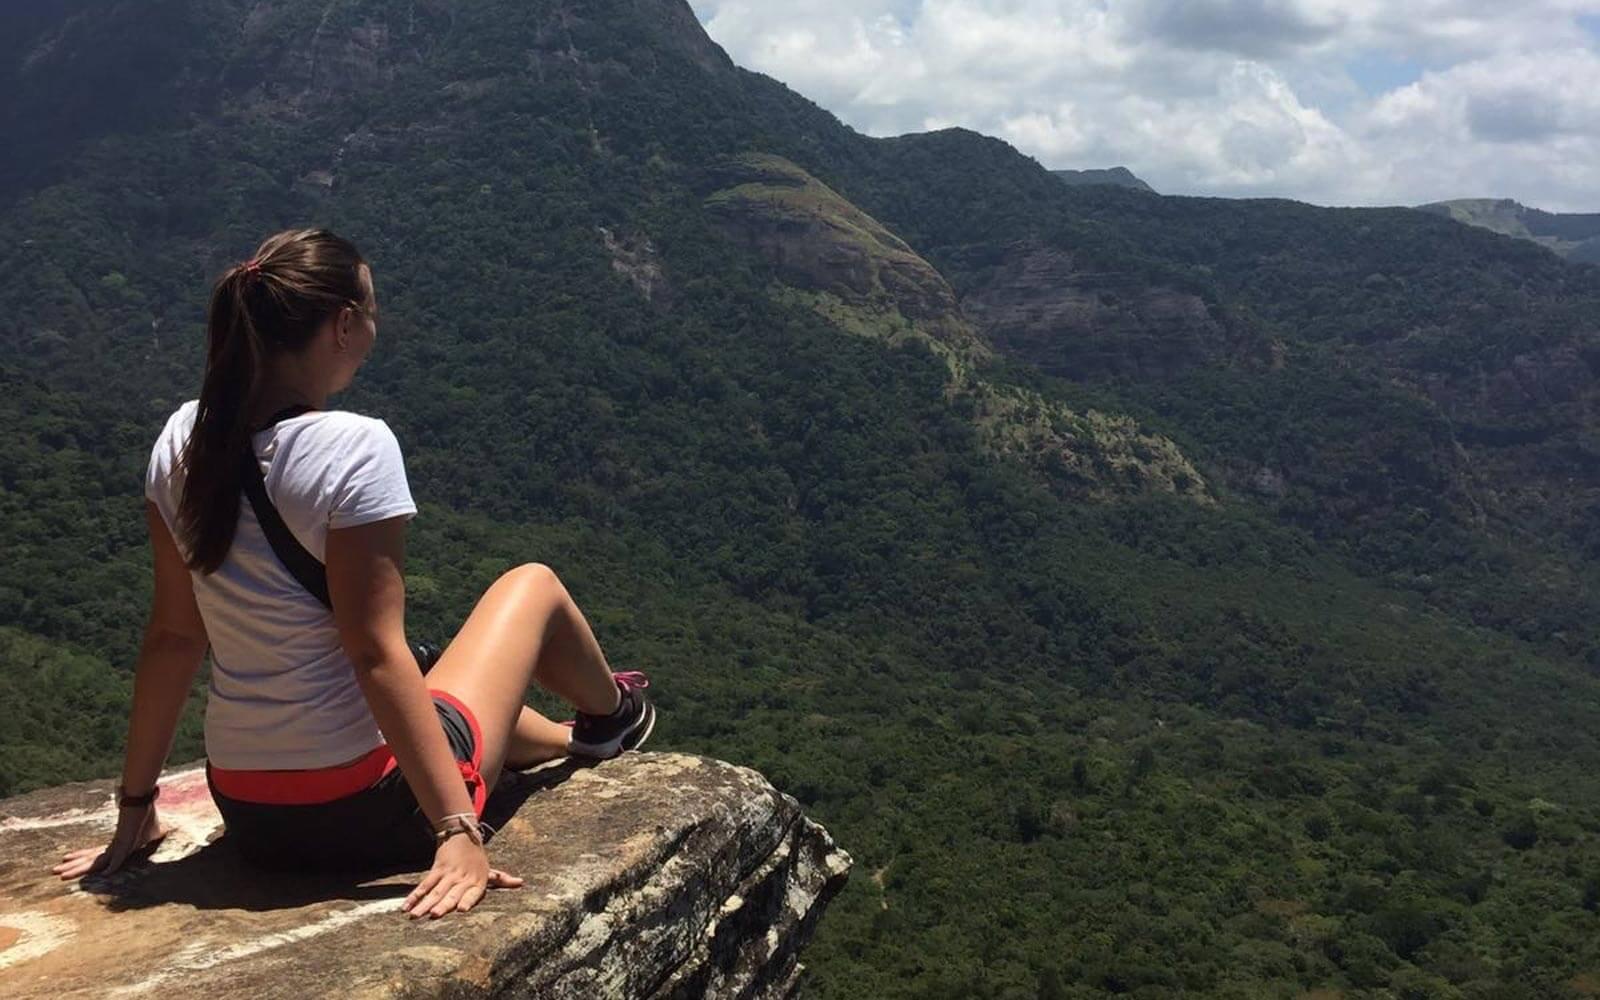 Vivien sitzt auf einem Felsvorsprung und blickt in die grüne, hügelige Landschaft